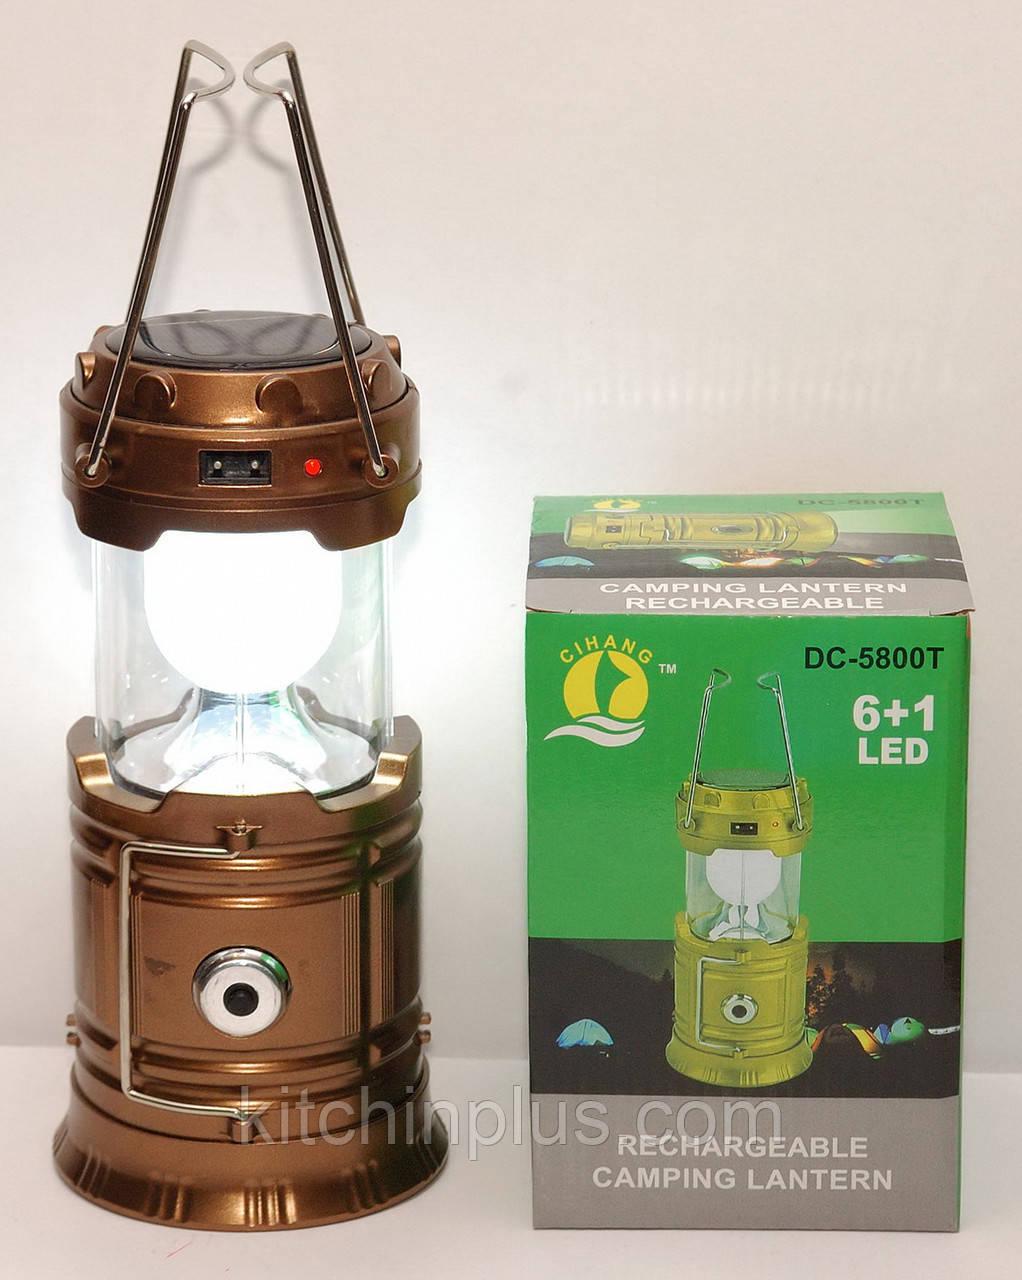 Кемпинговая LED лампа BL-5800T c POWER BANK Фонарь фонарик солнечная панель Золотой